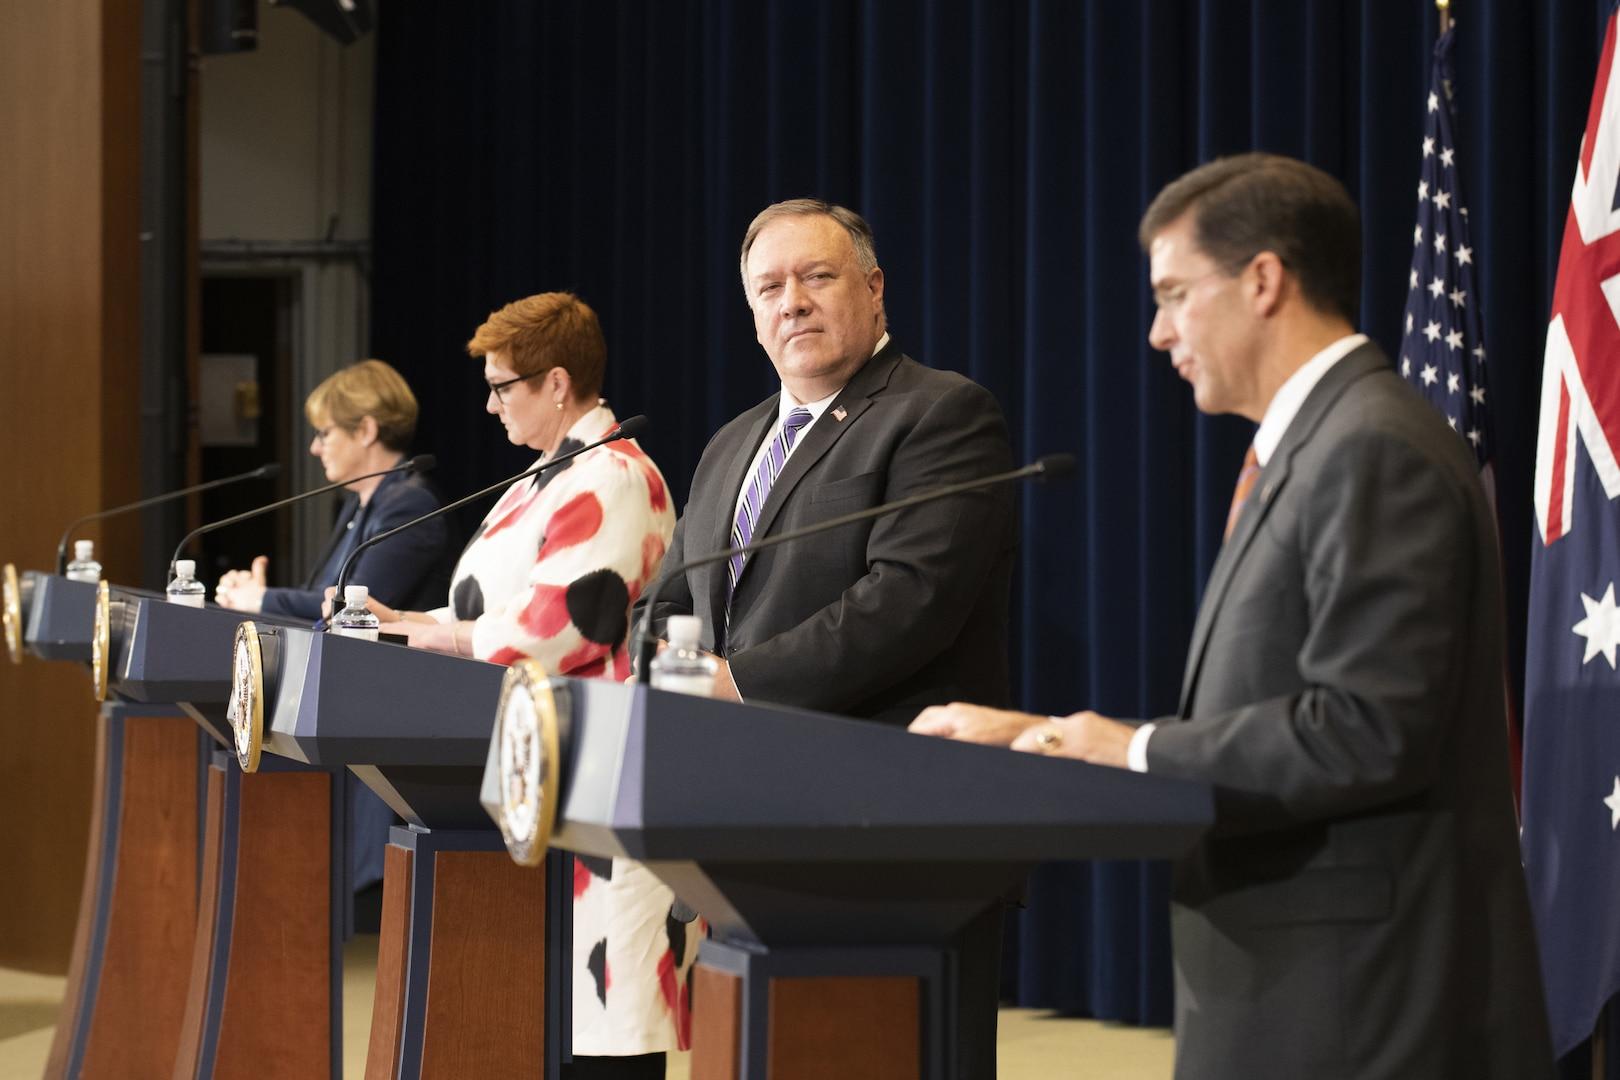 U.S., Australian Officials Reaffirm Strong Alliance